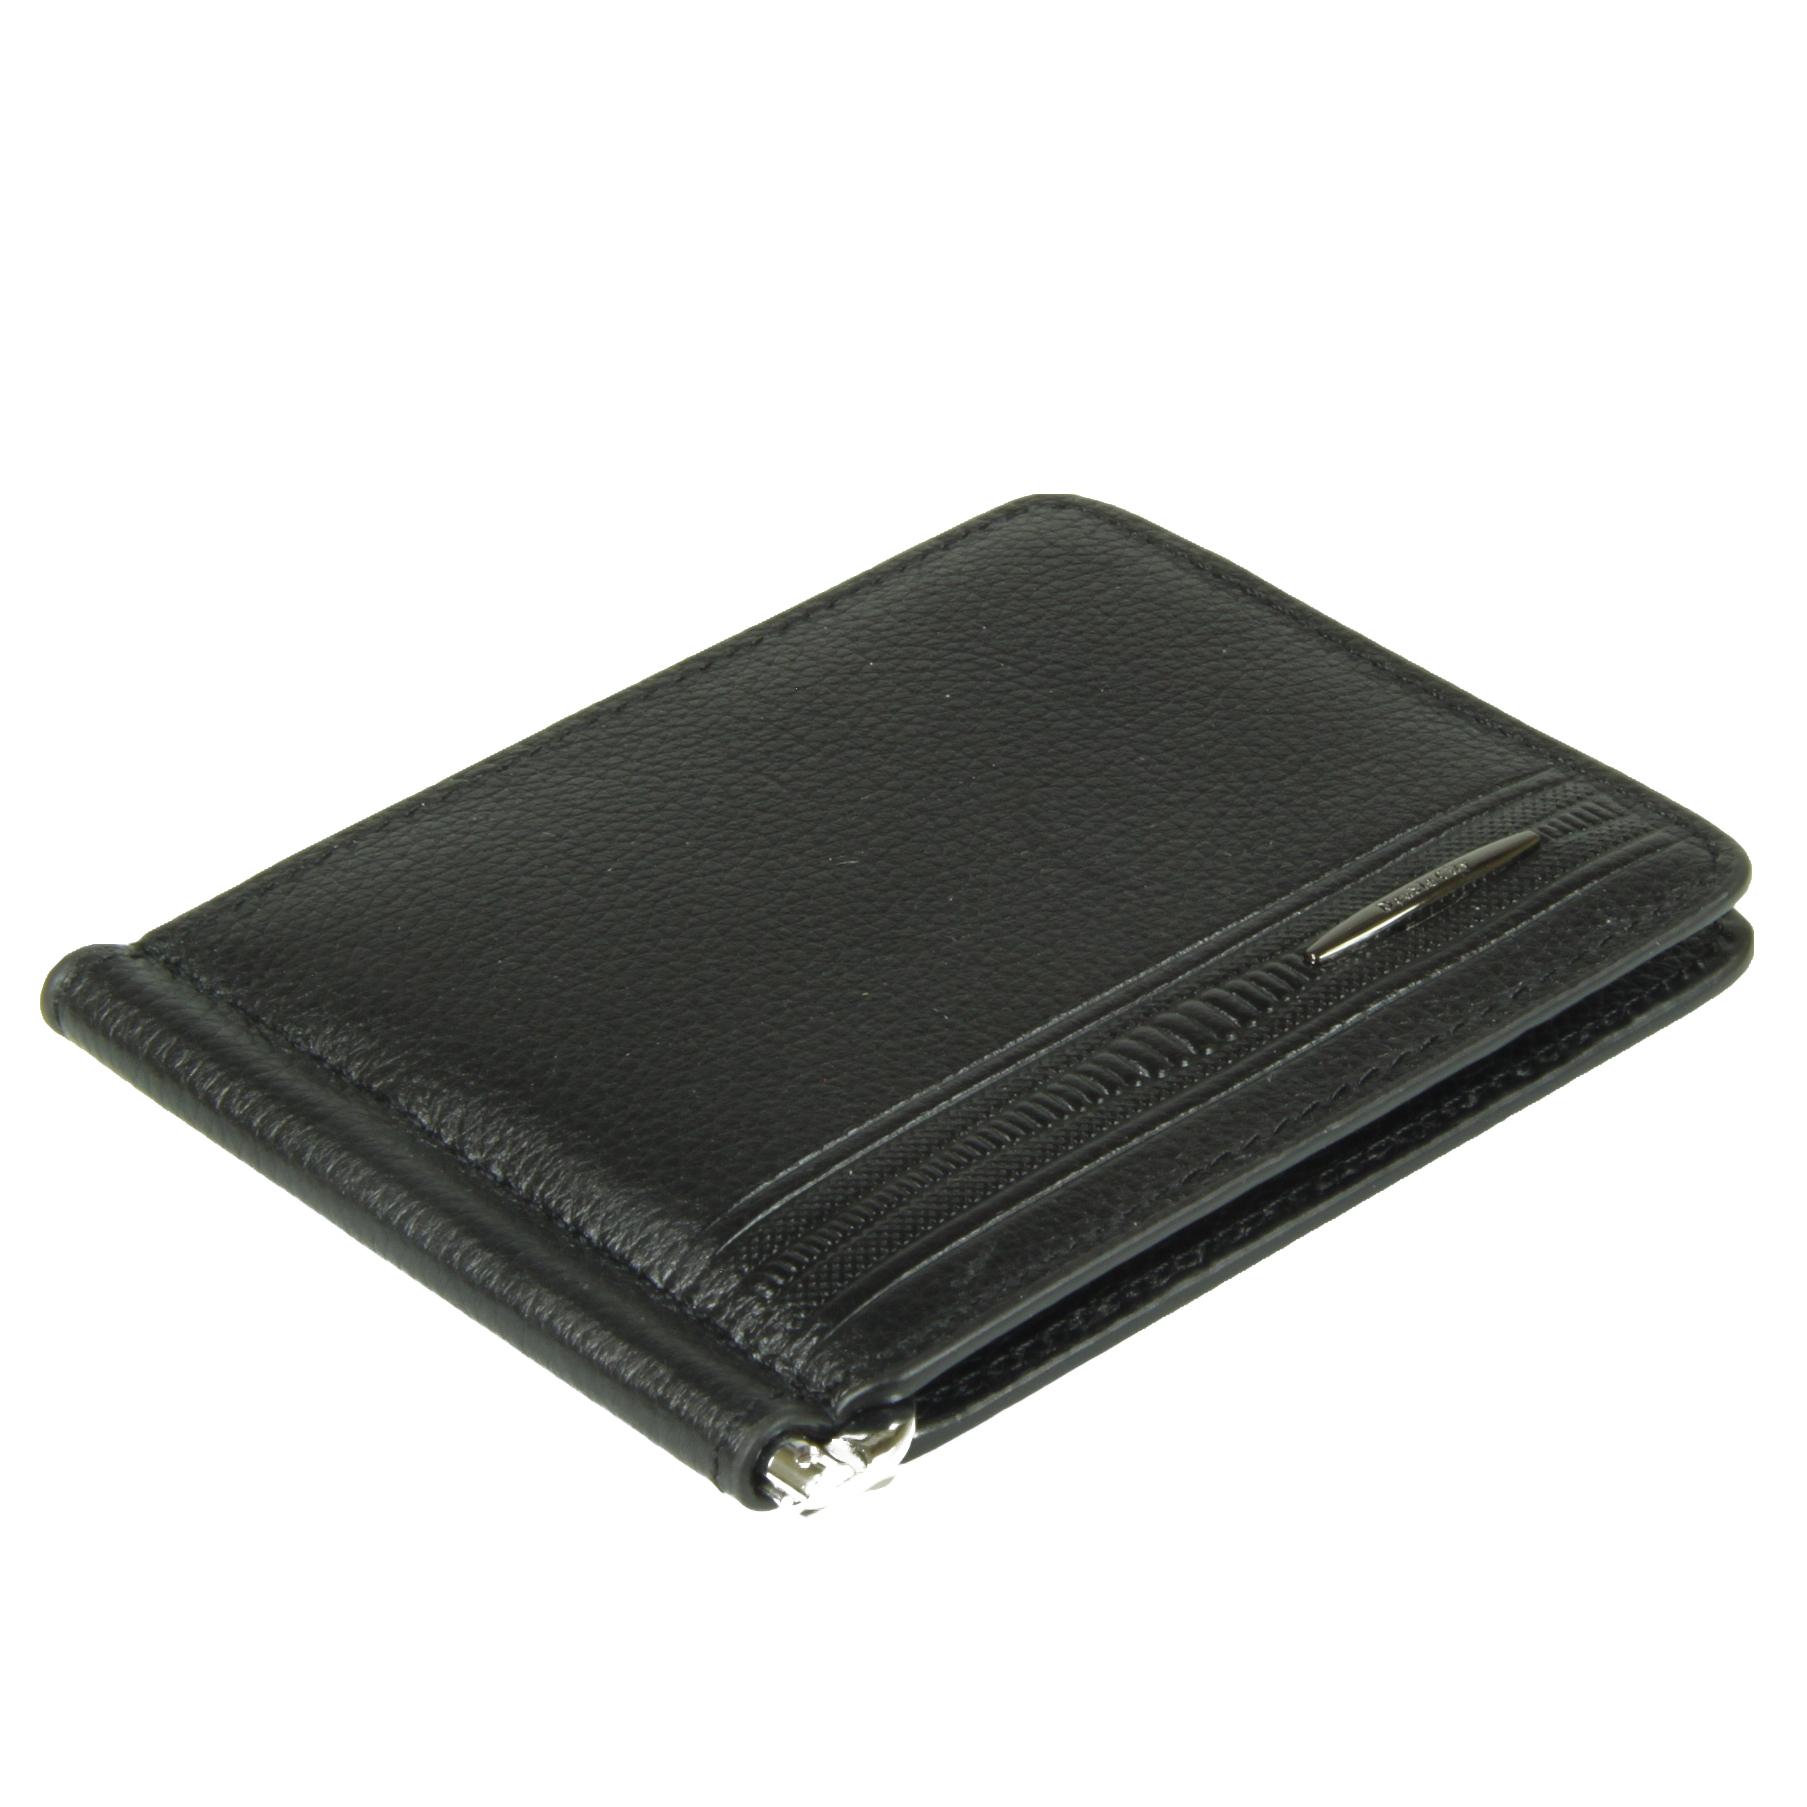 Мужской чёрный зажим для денег из натуральной и долговечной кожи яка с карманами для карт и мелочи Dublecity M100-DC11-11I